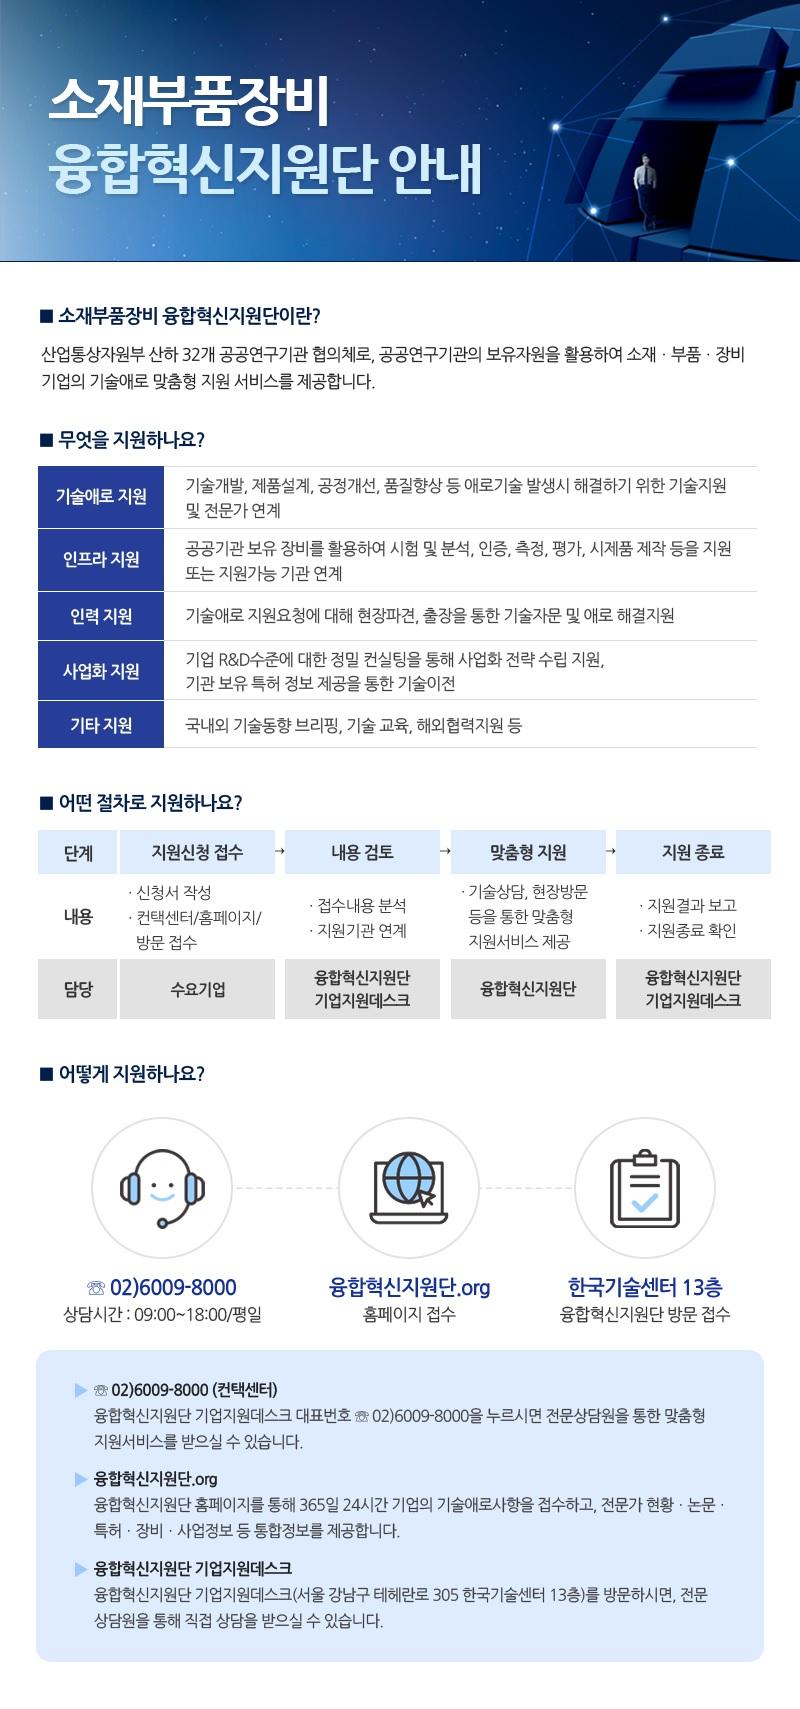 융합혁신지원단 리플렛.png